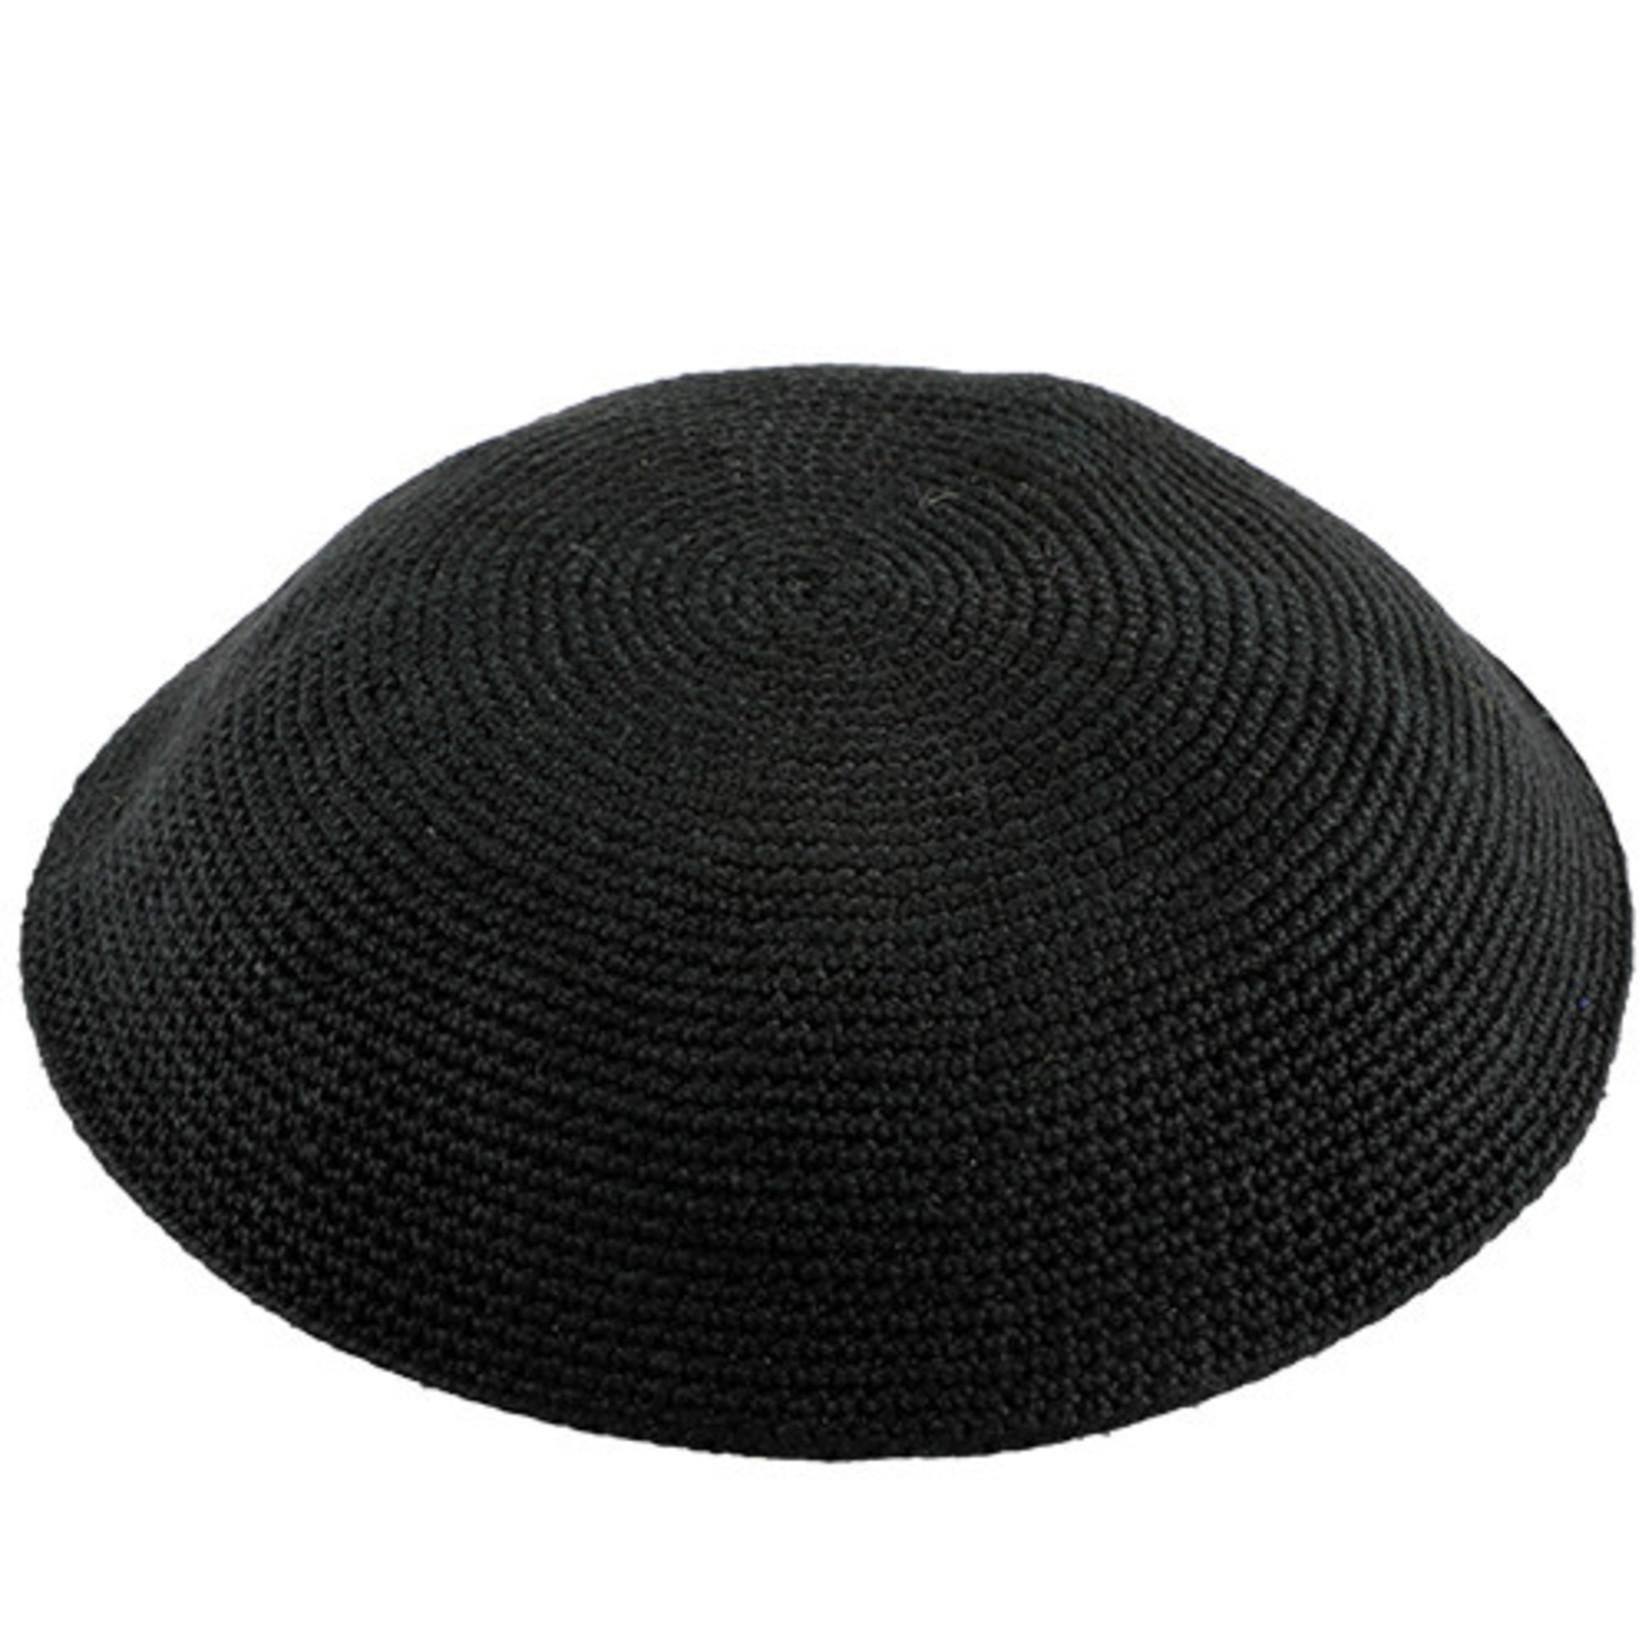 DMC Knit Kippah, Black, 17cm